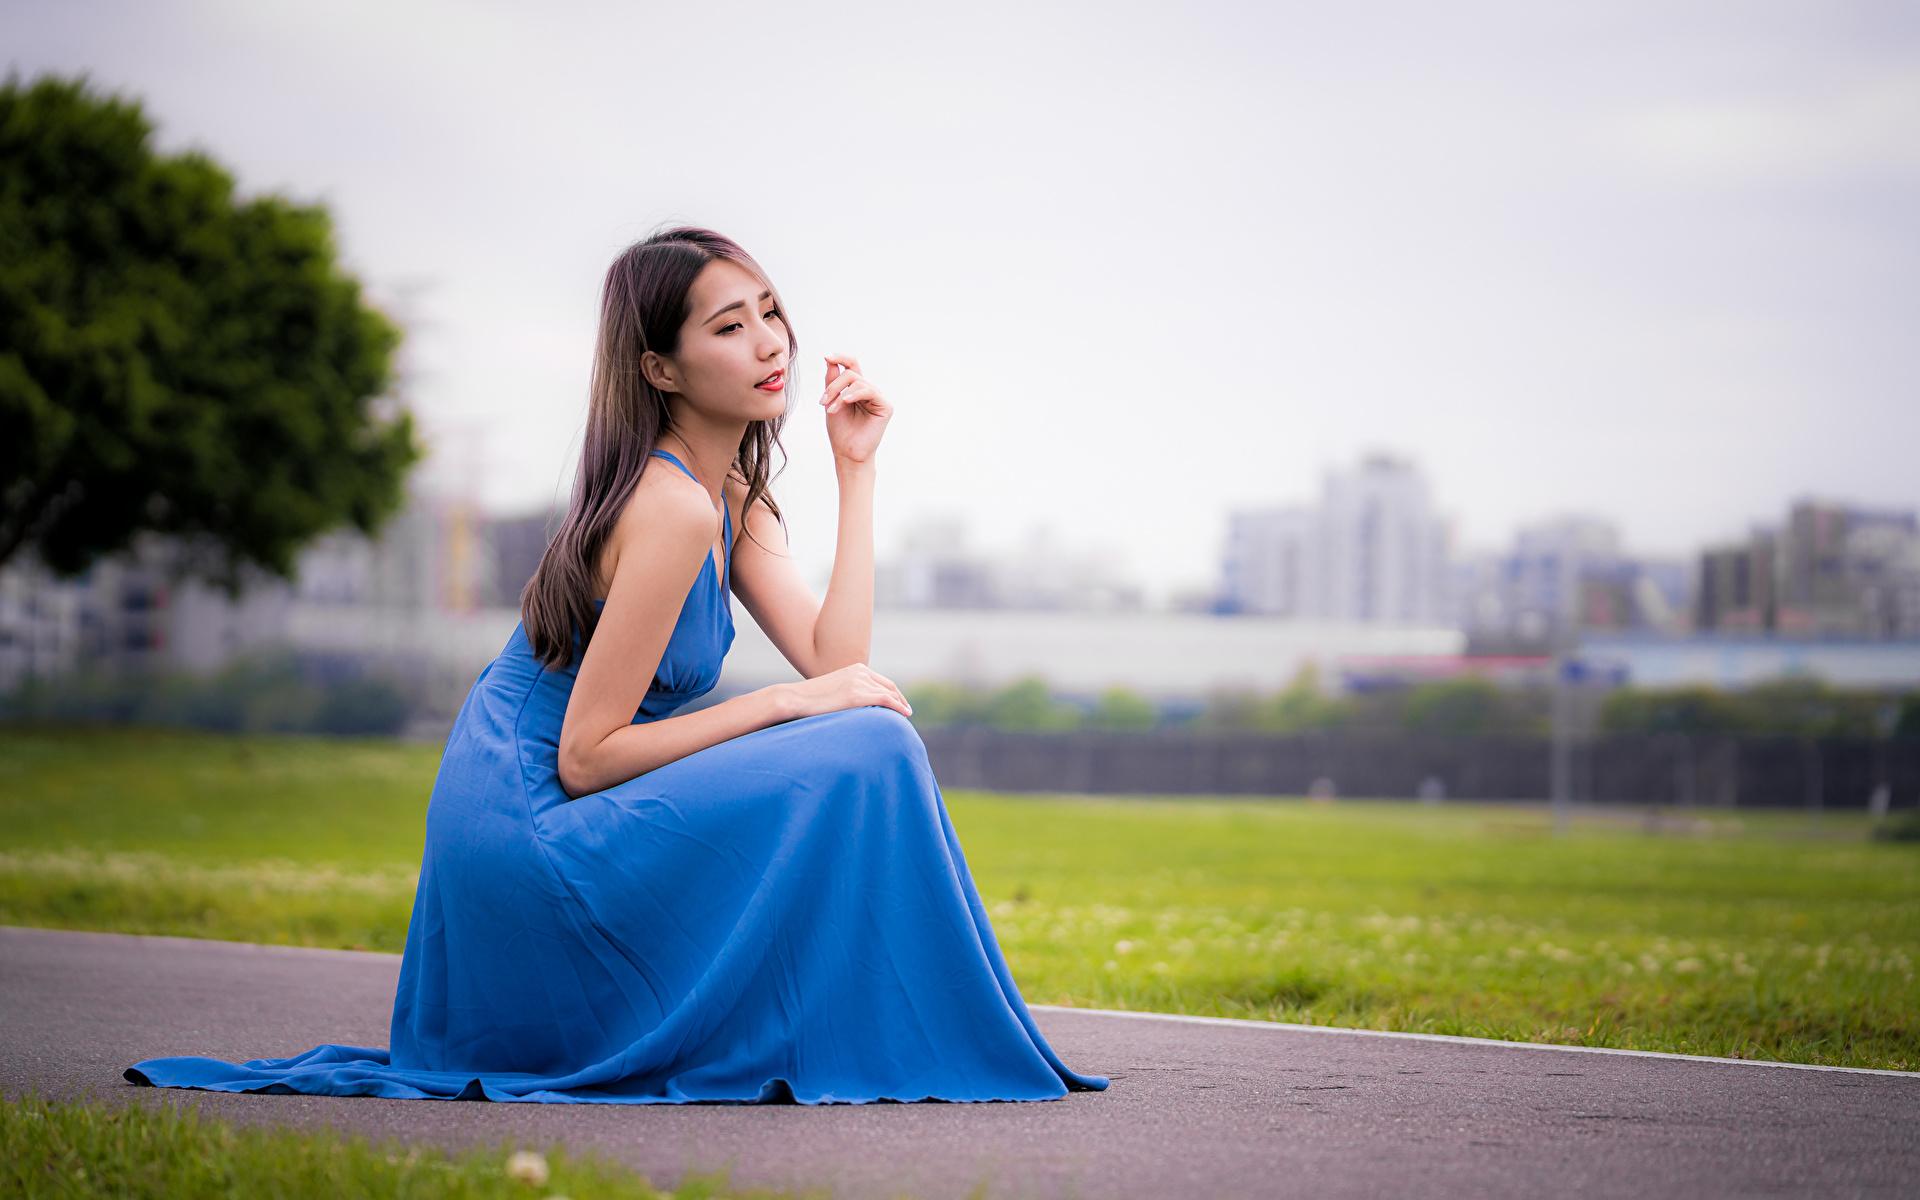 Фотография боке Девушки Азиаты сидящие Платье 1920x1200 Размытый фон девушка молодая женщина молодые женщины азиатки азиатка сидя Сидит платья